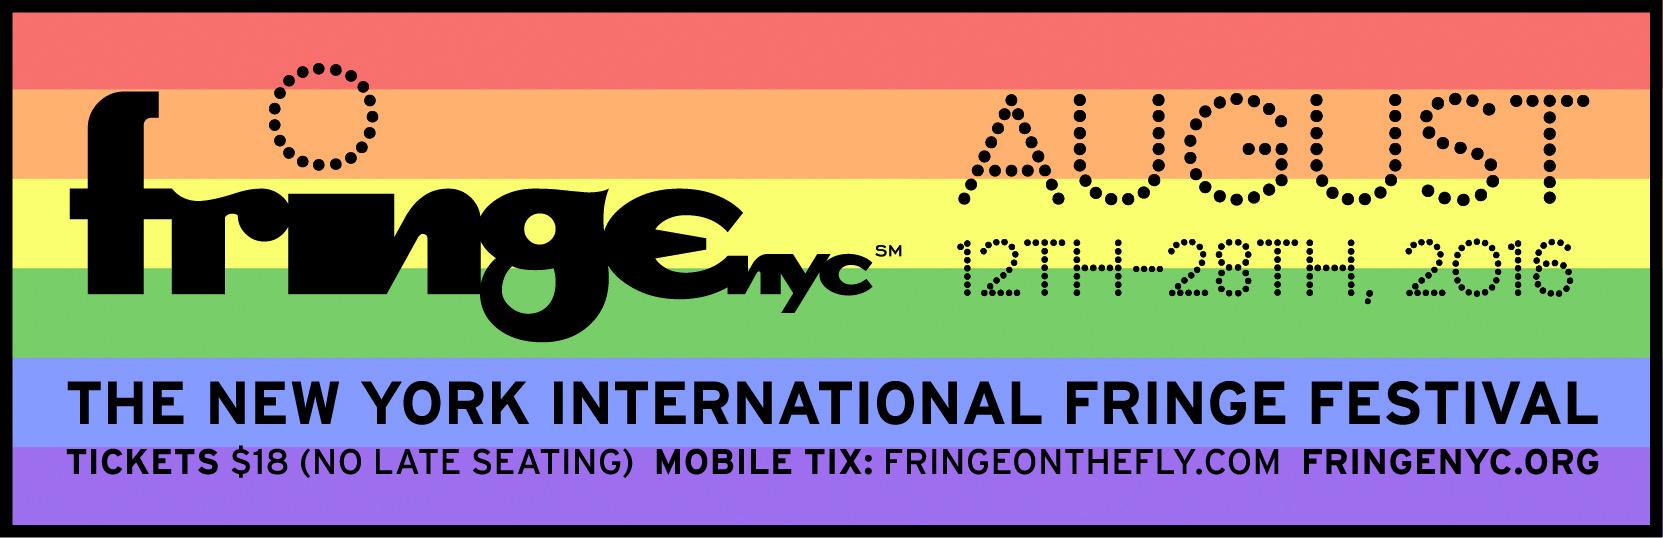 #queerfringenyc